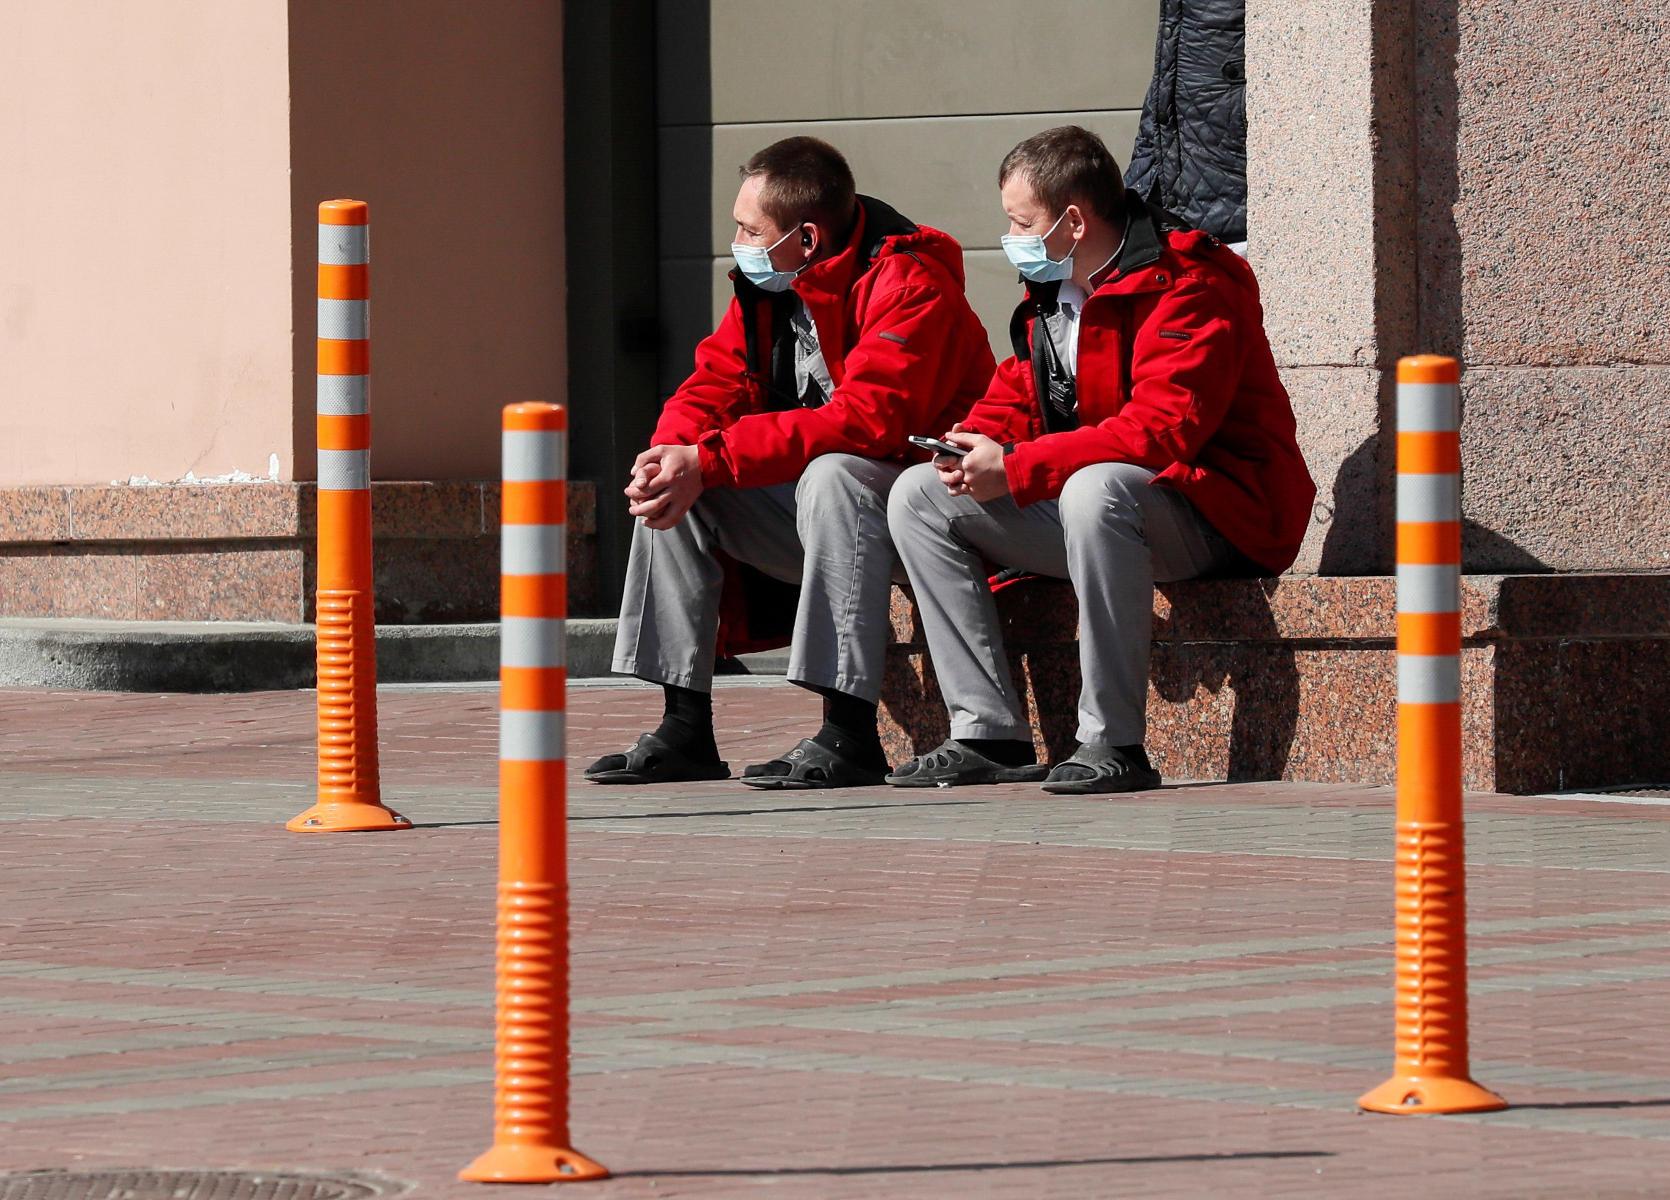 ΟΗΕ: 1,25 δισ. άνθρωποι κινδυνεύουν με απόλυση ή περικοπή μισθού λόγω του κορονοϊού